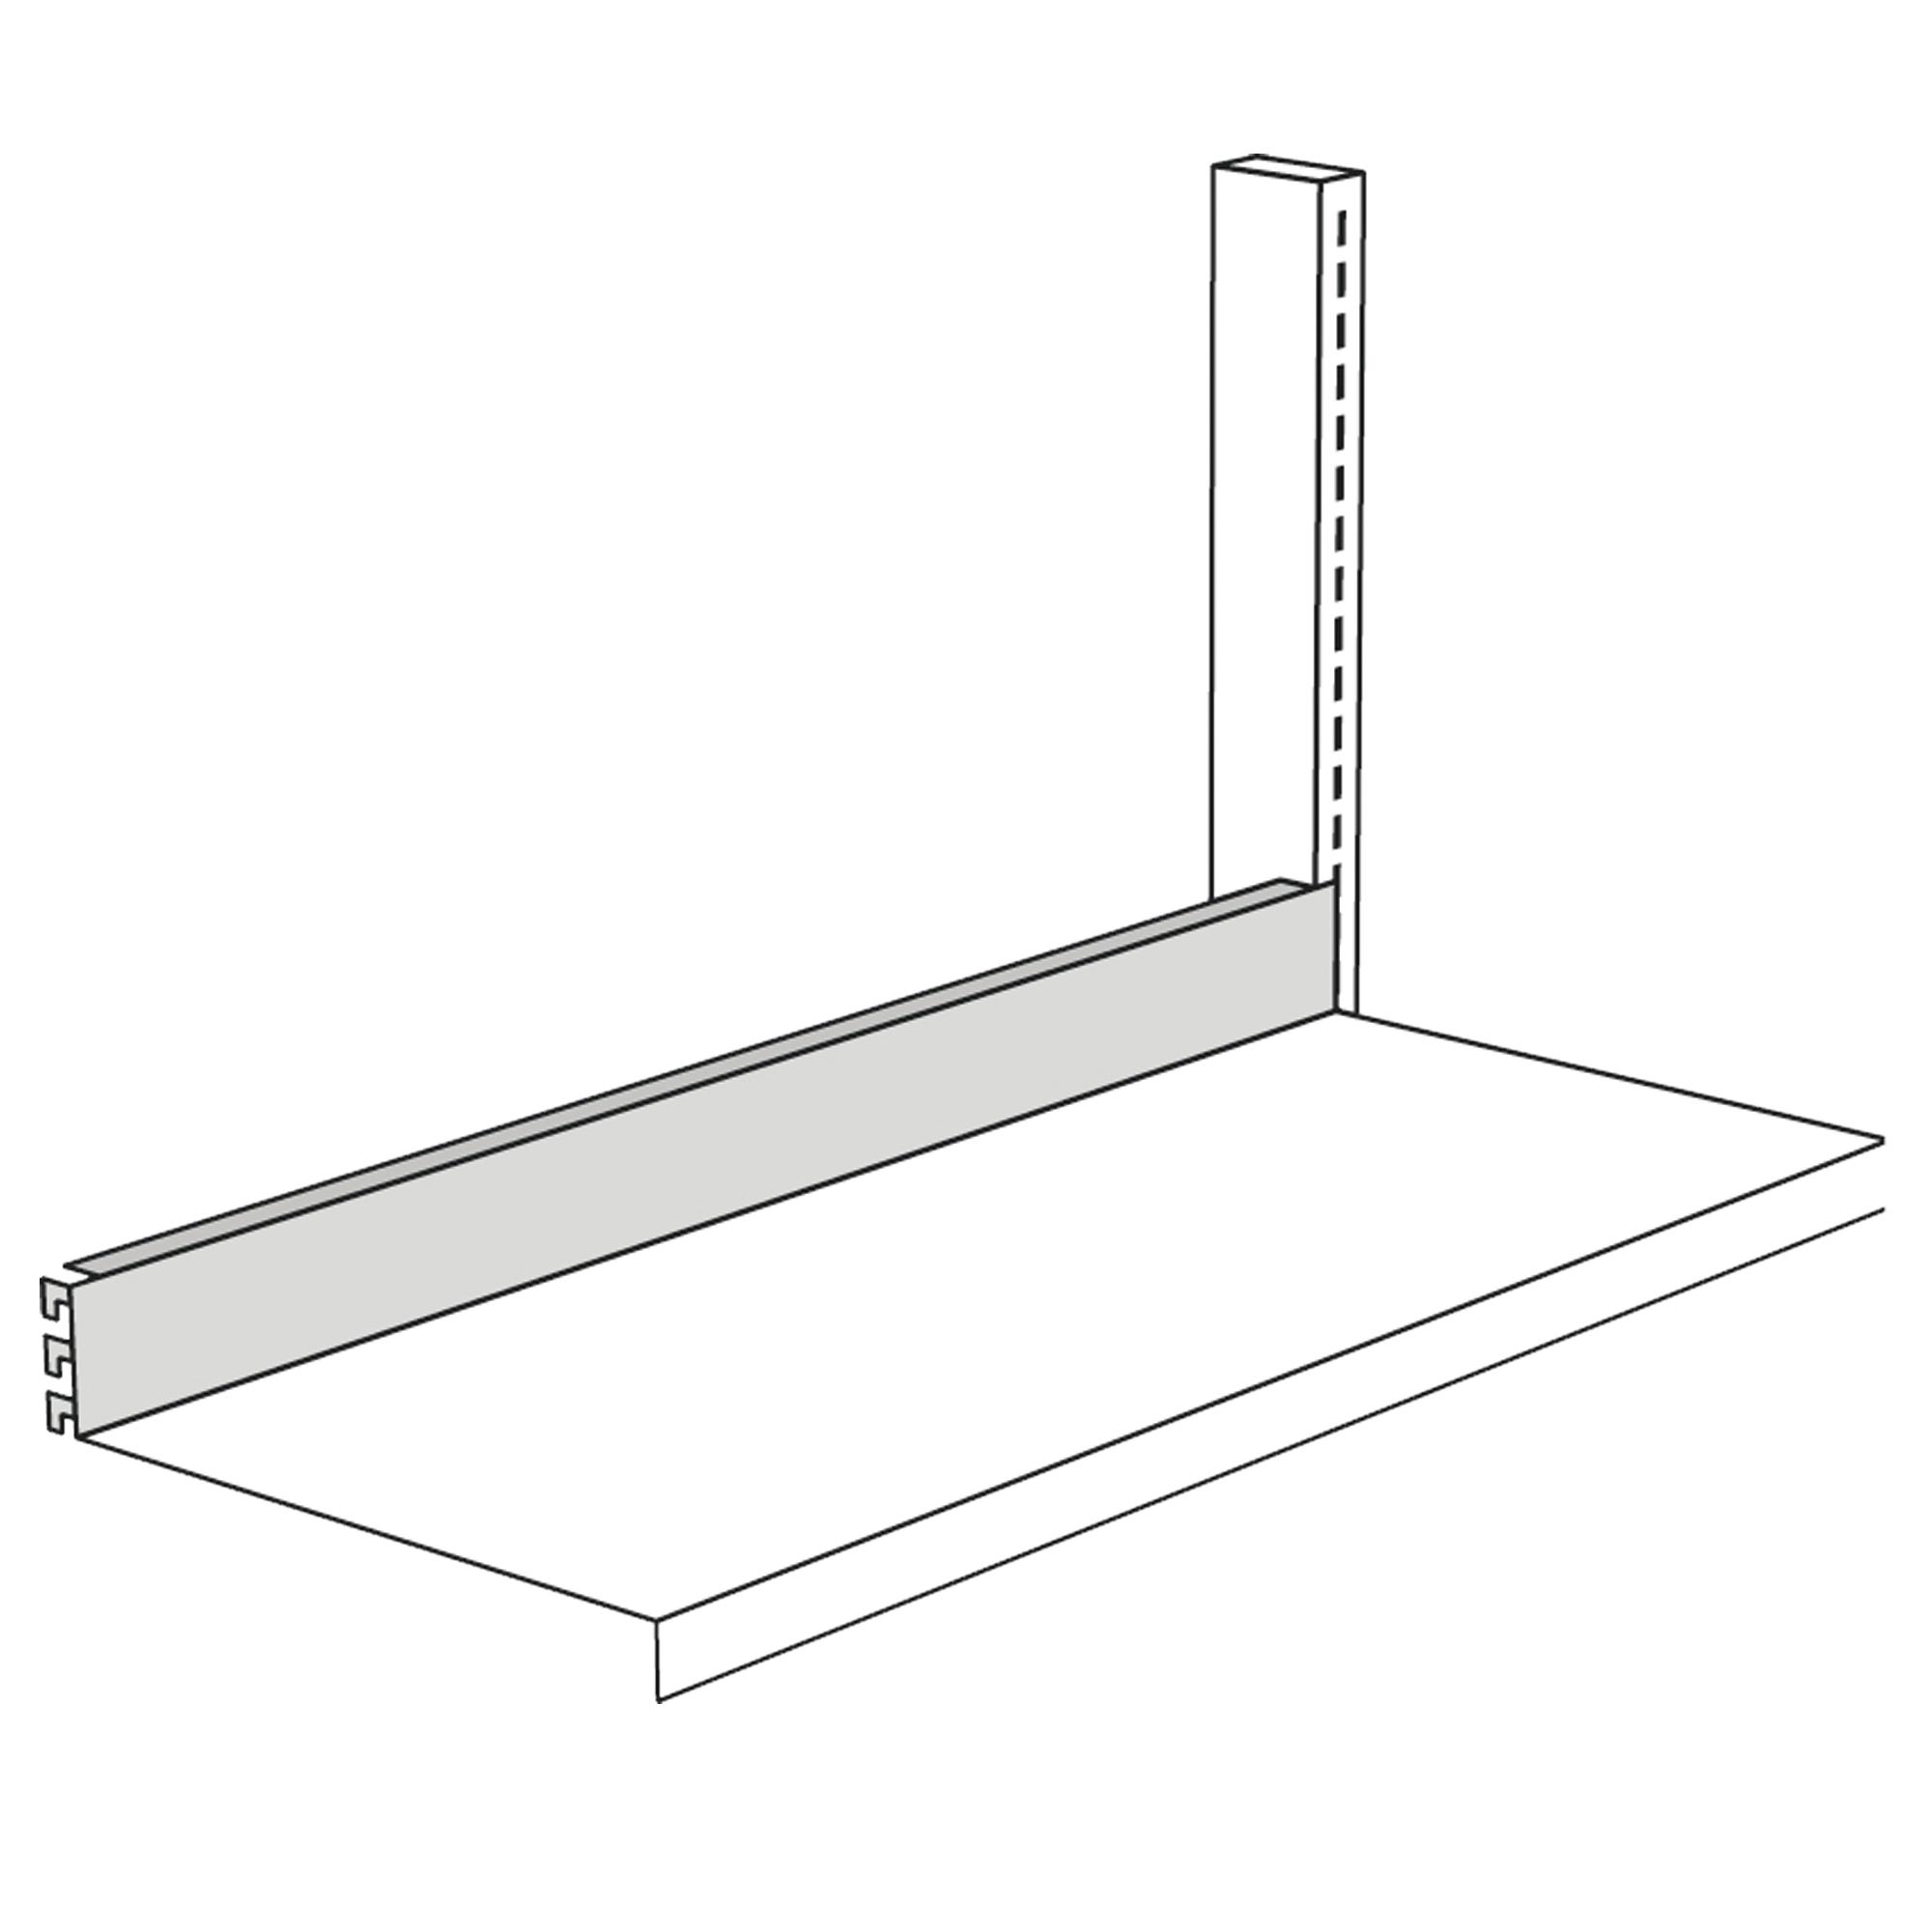 Abschlussleiste für Freiarm-Regal, 750 mm breit